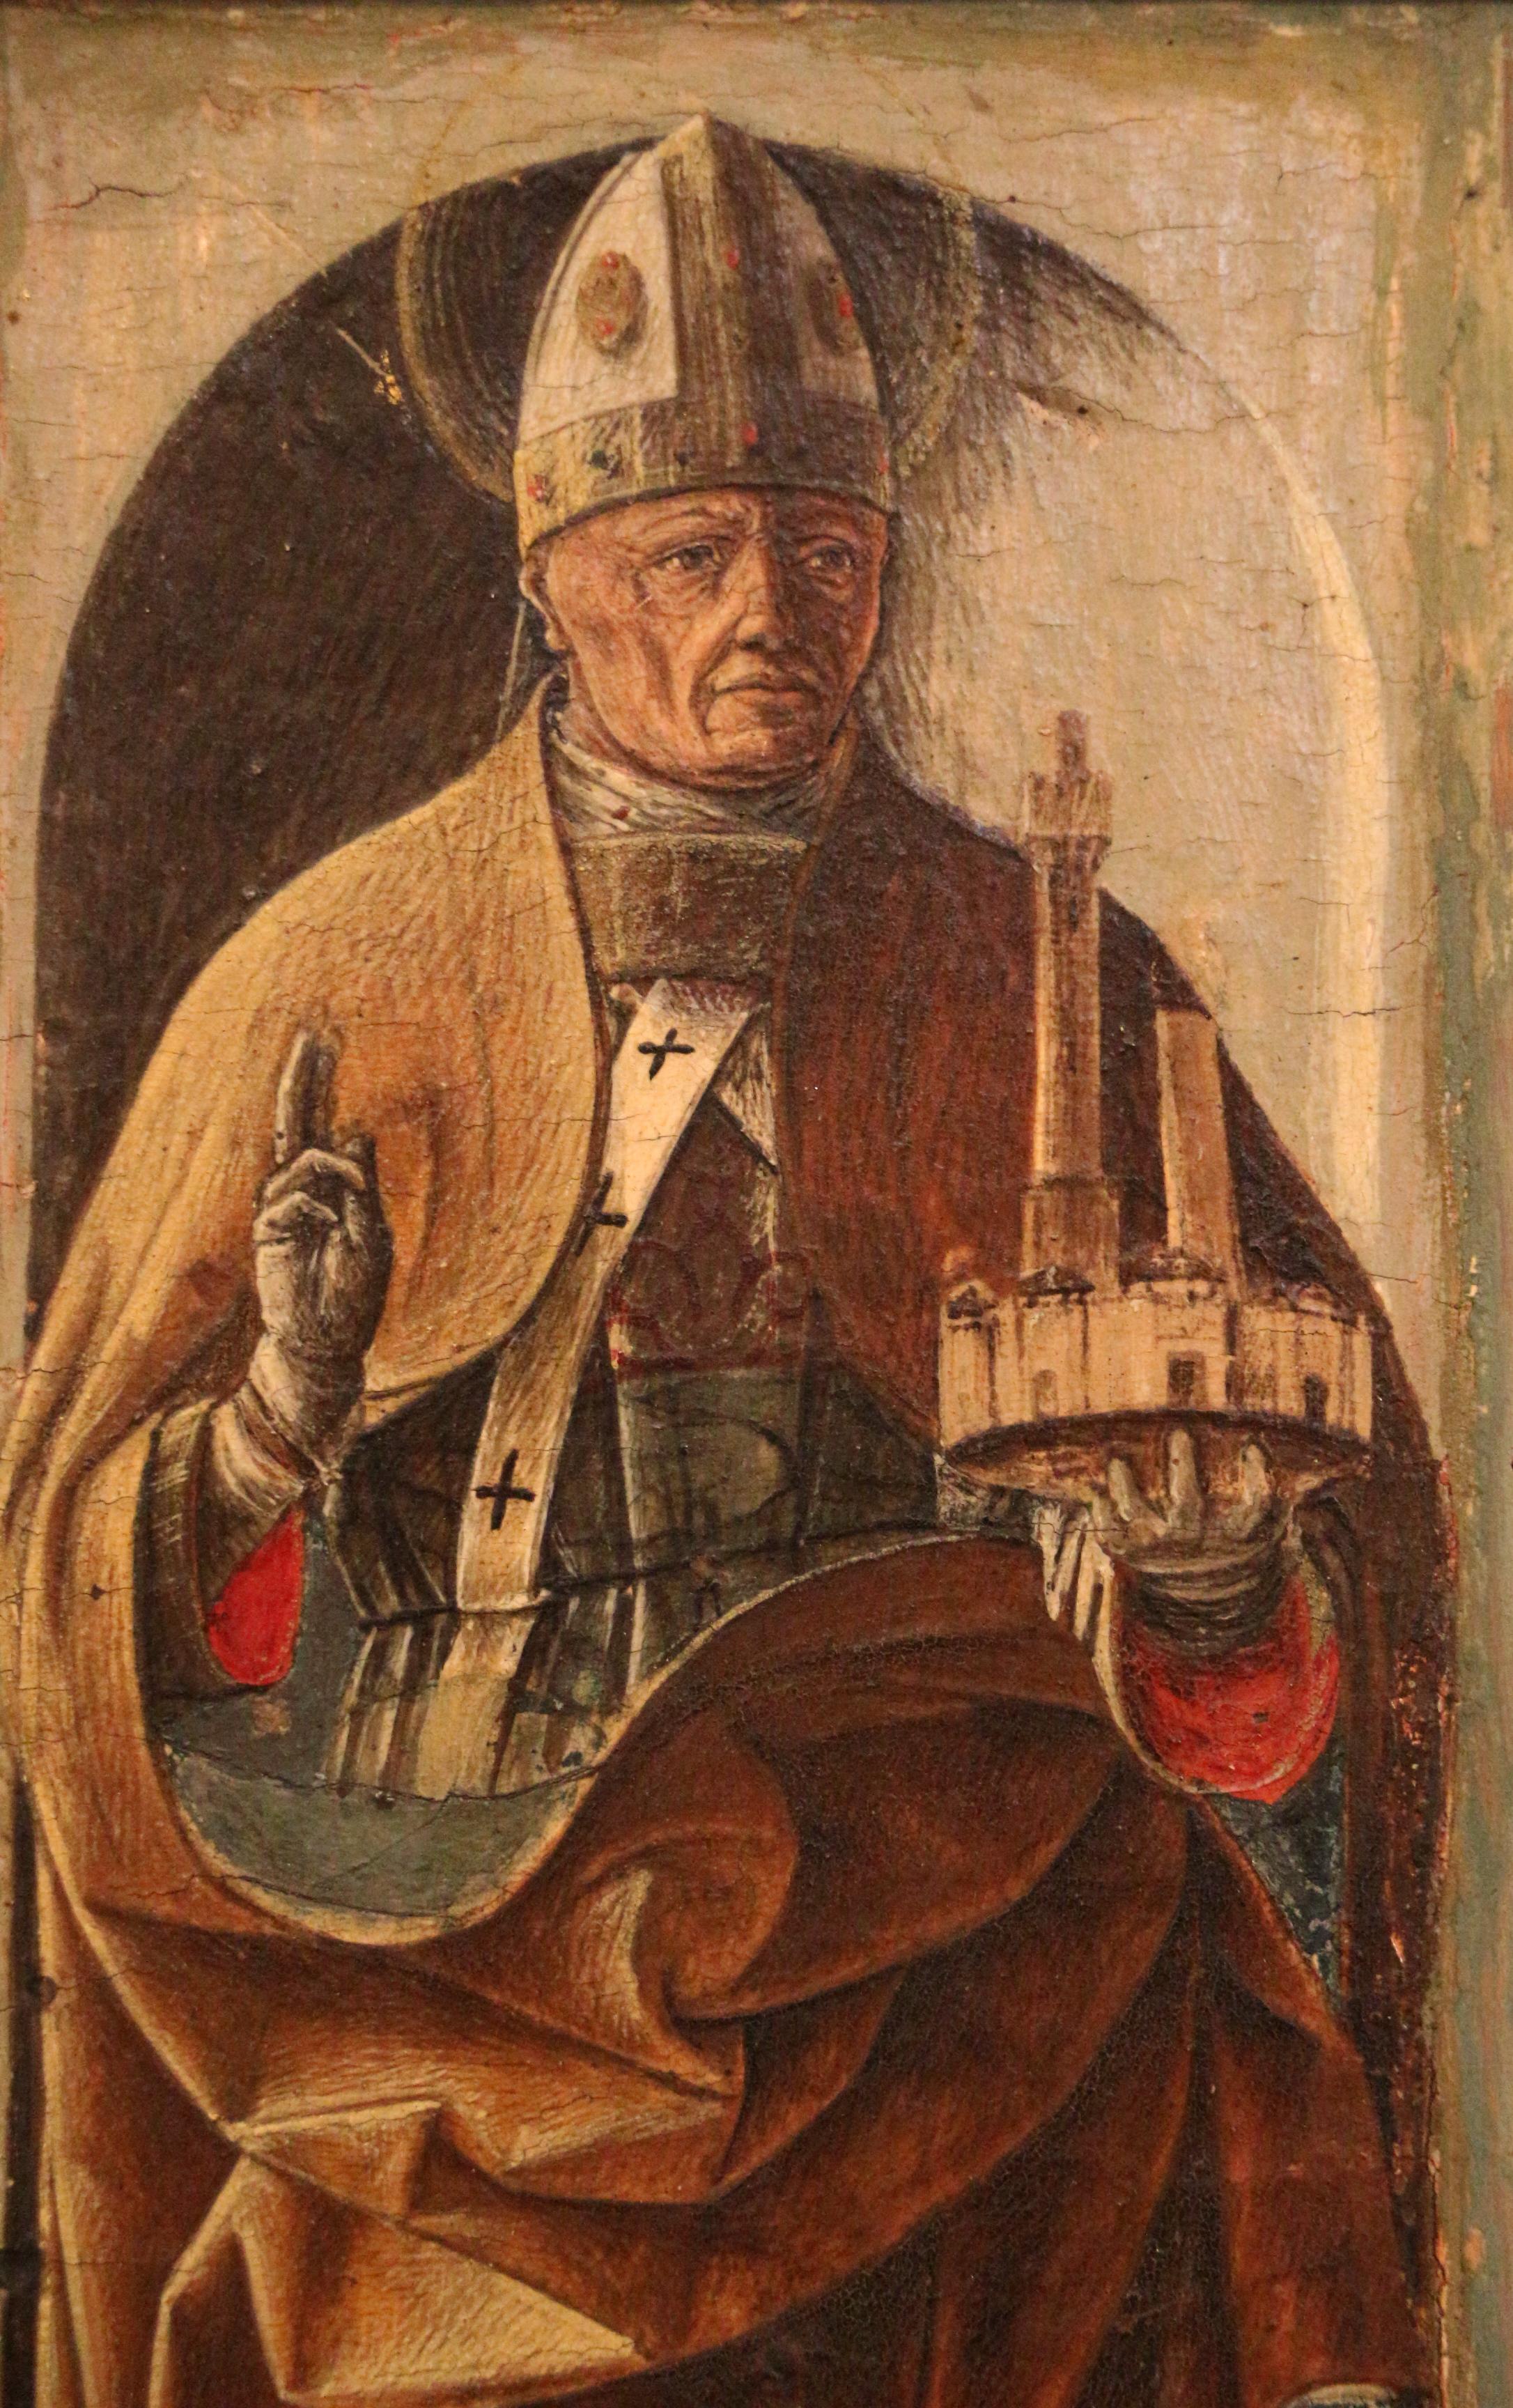 File:Ercole de' roberti, san petronio, dal polittico griffoni, 1472-